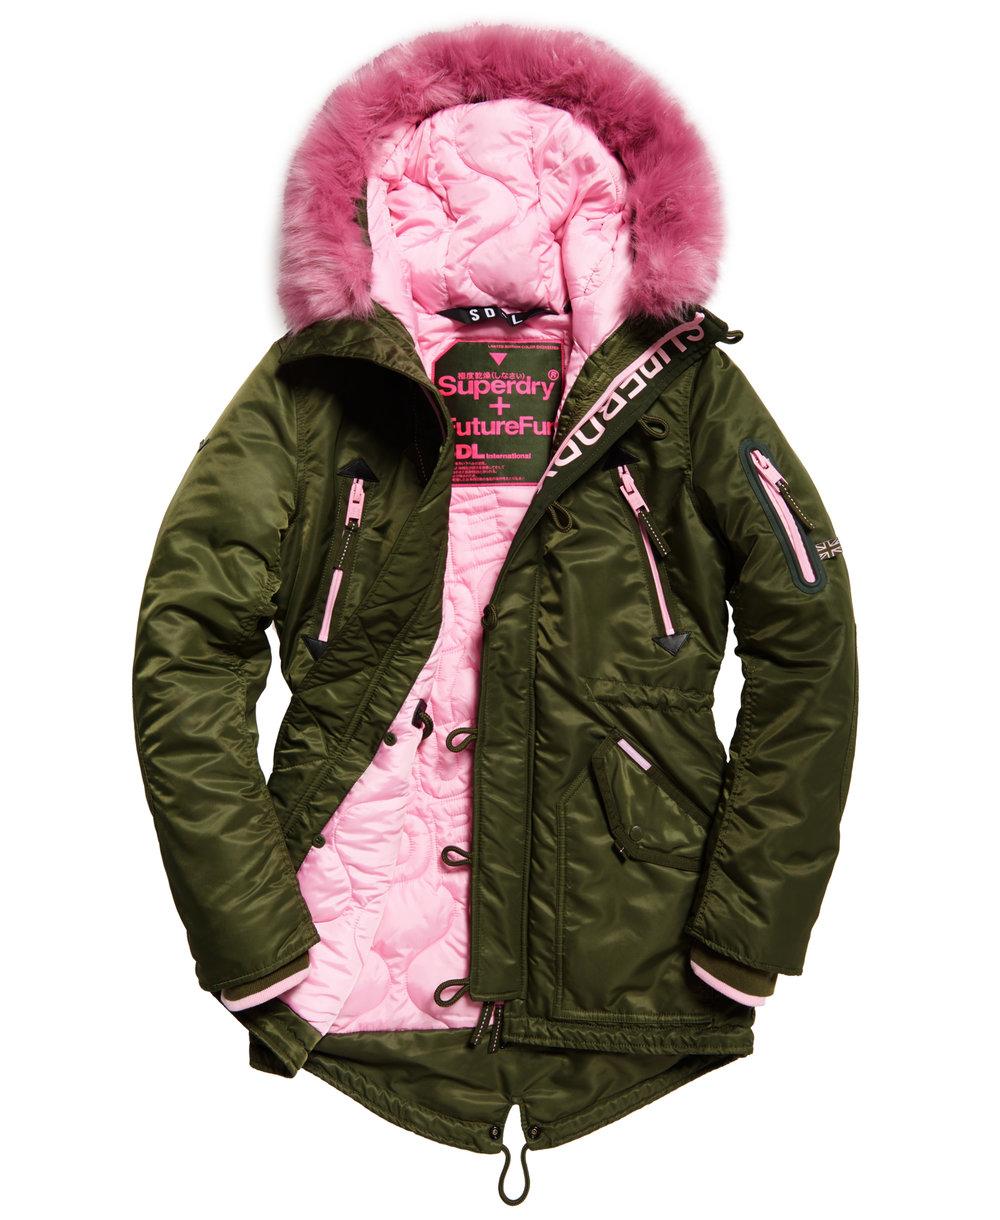 Superdry SD-L Parka Coat £144.99 - 209.95€ www.superdry.com.jpg